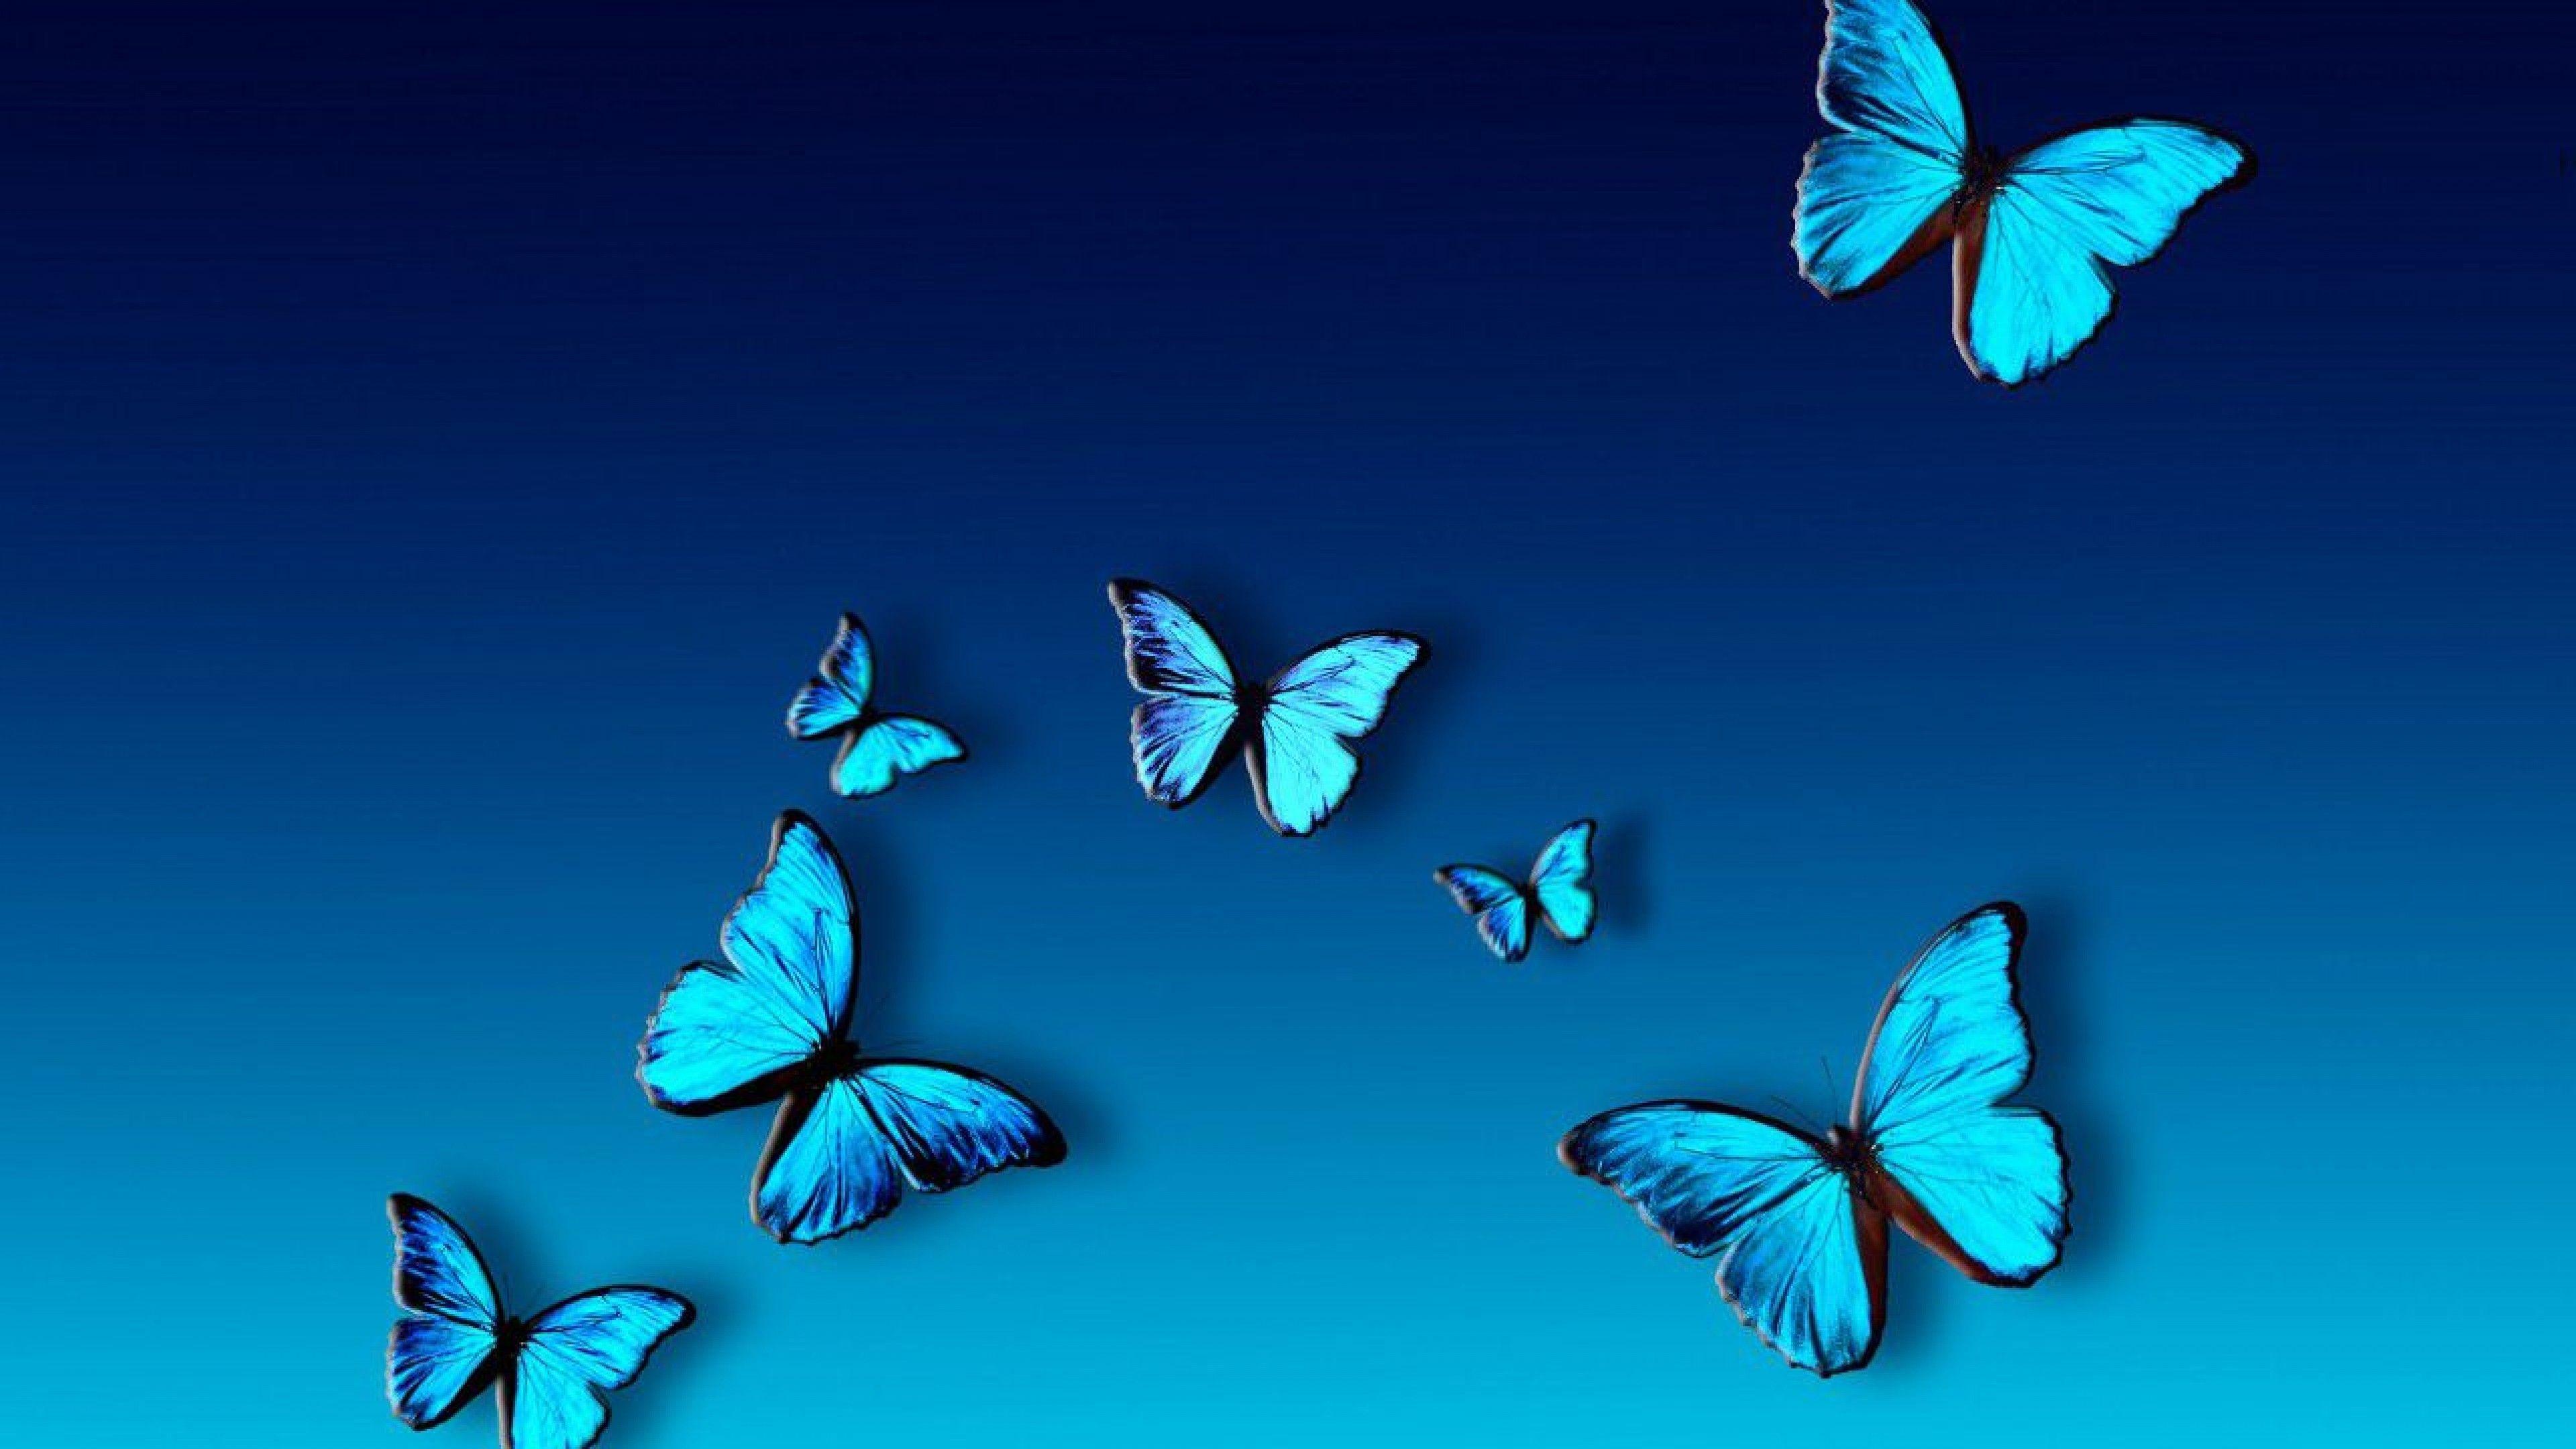 3840x2160 Ultra Hd 5k Resolutions Blue Butterfly Wallpaper Blue Butterfly Butterfly Wallpaper